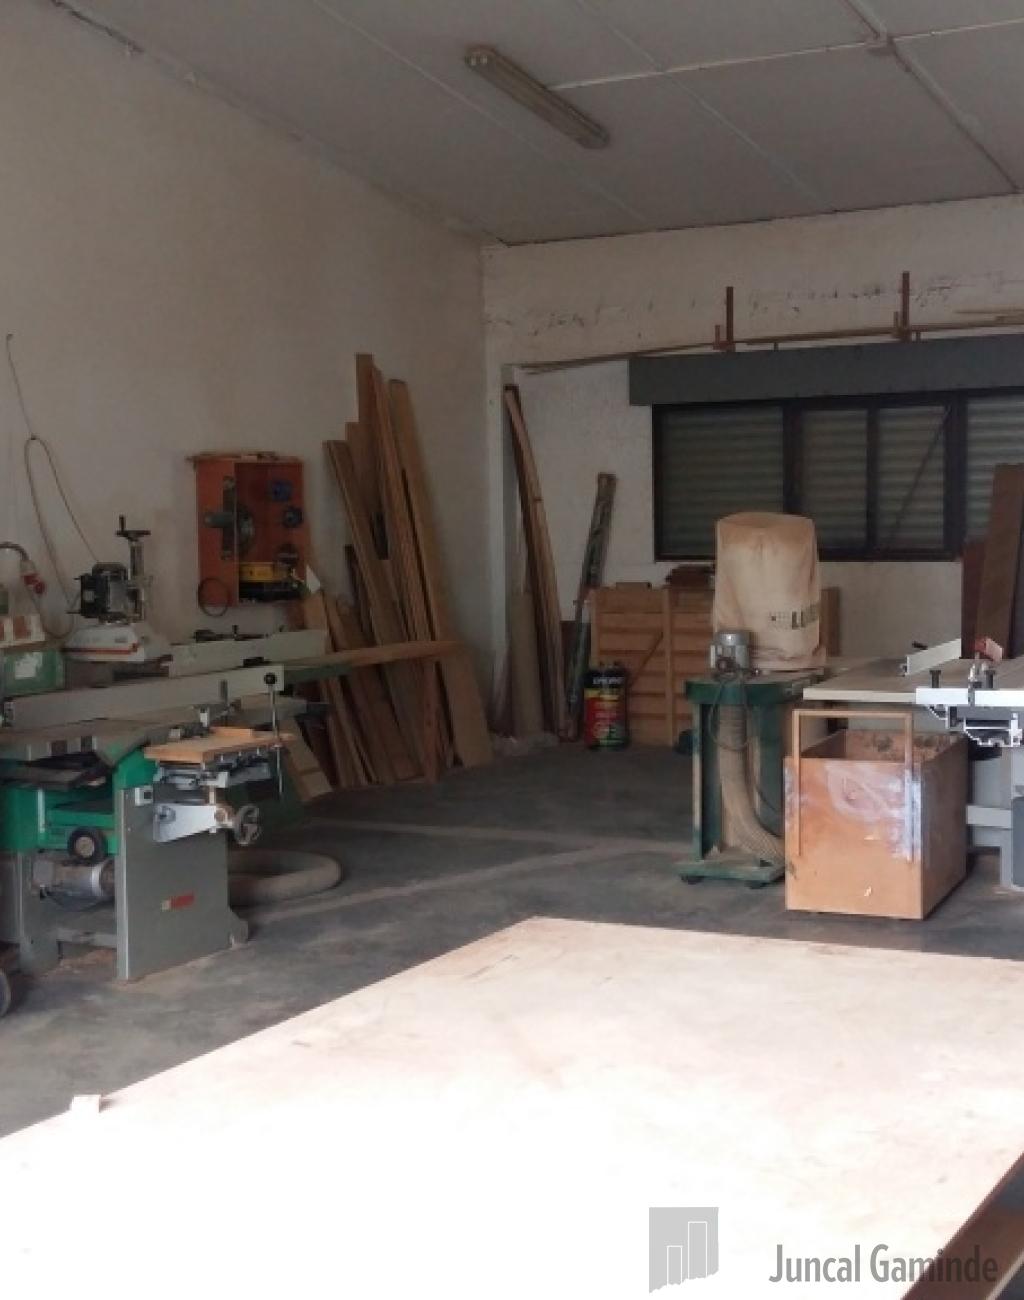 Industrial / Pabellones / Naves en Venta en Irun Aranibar Gipuzkoa